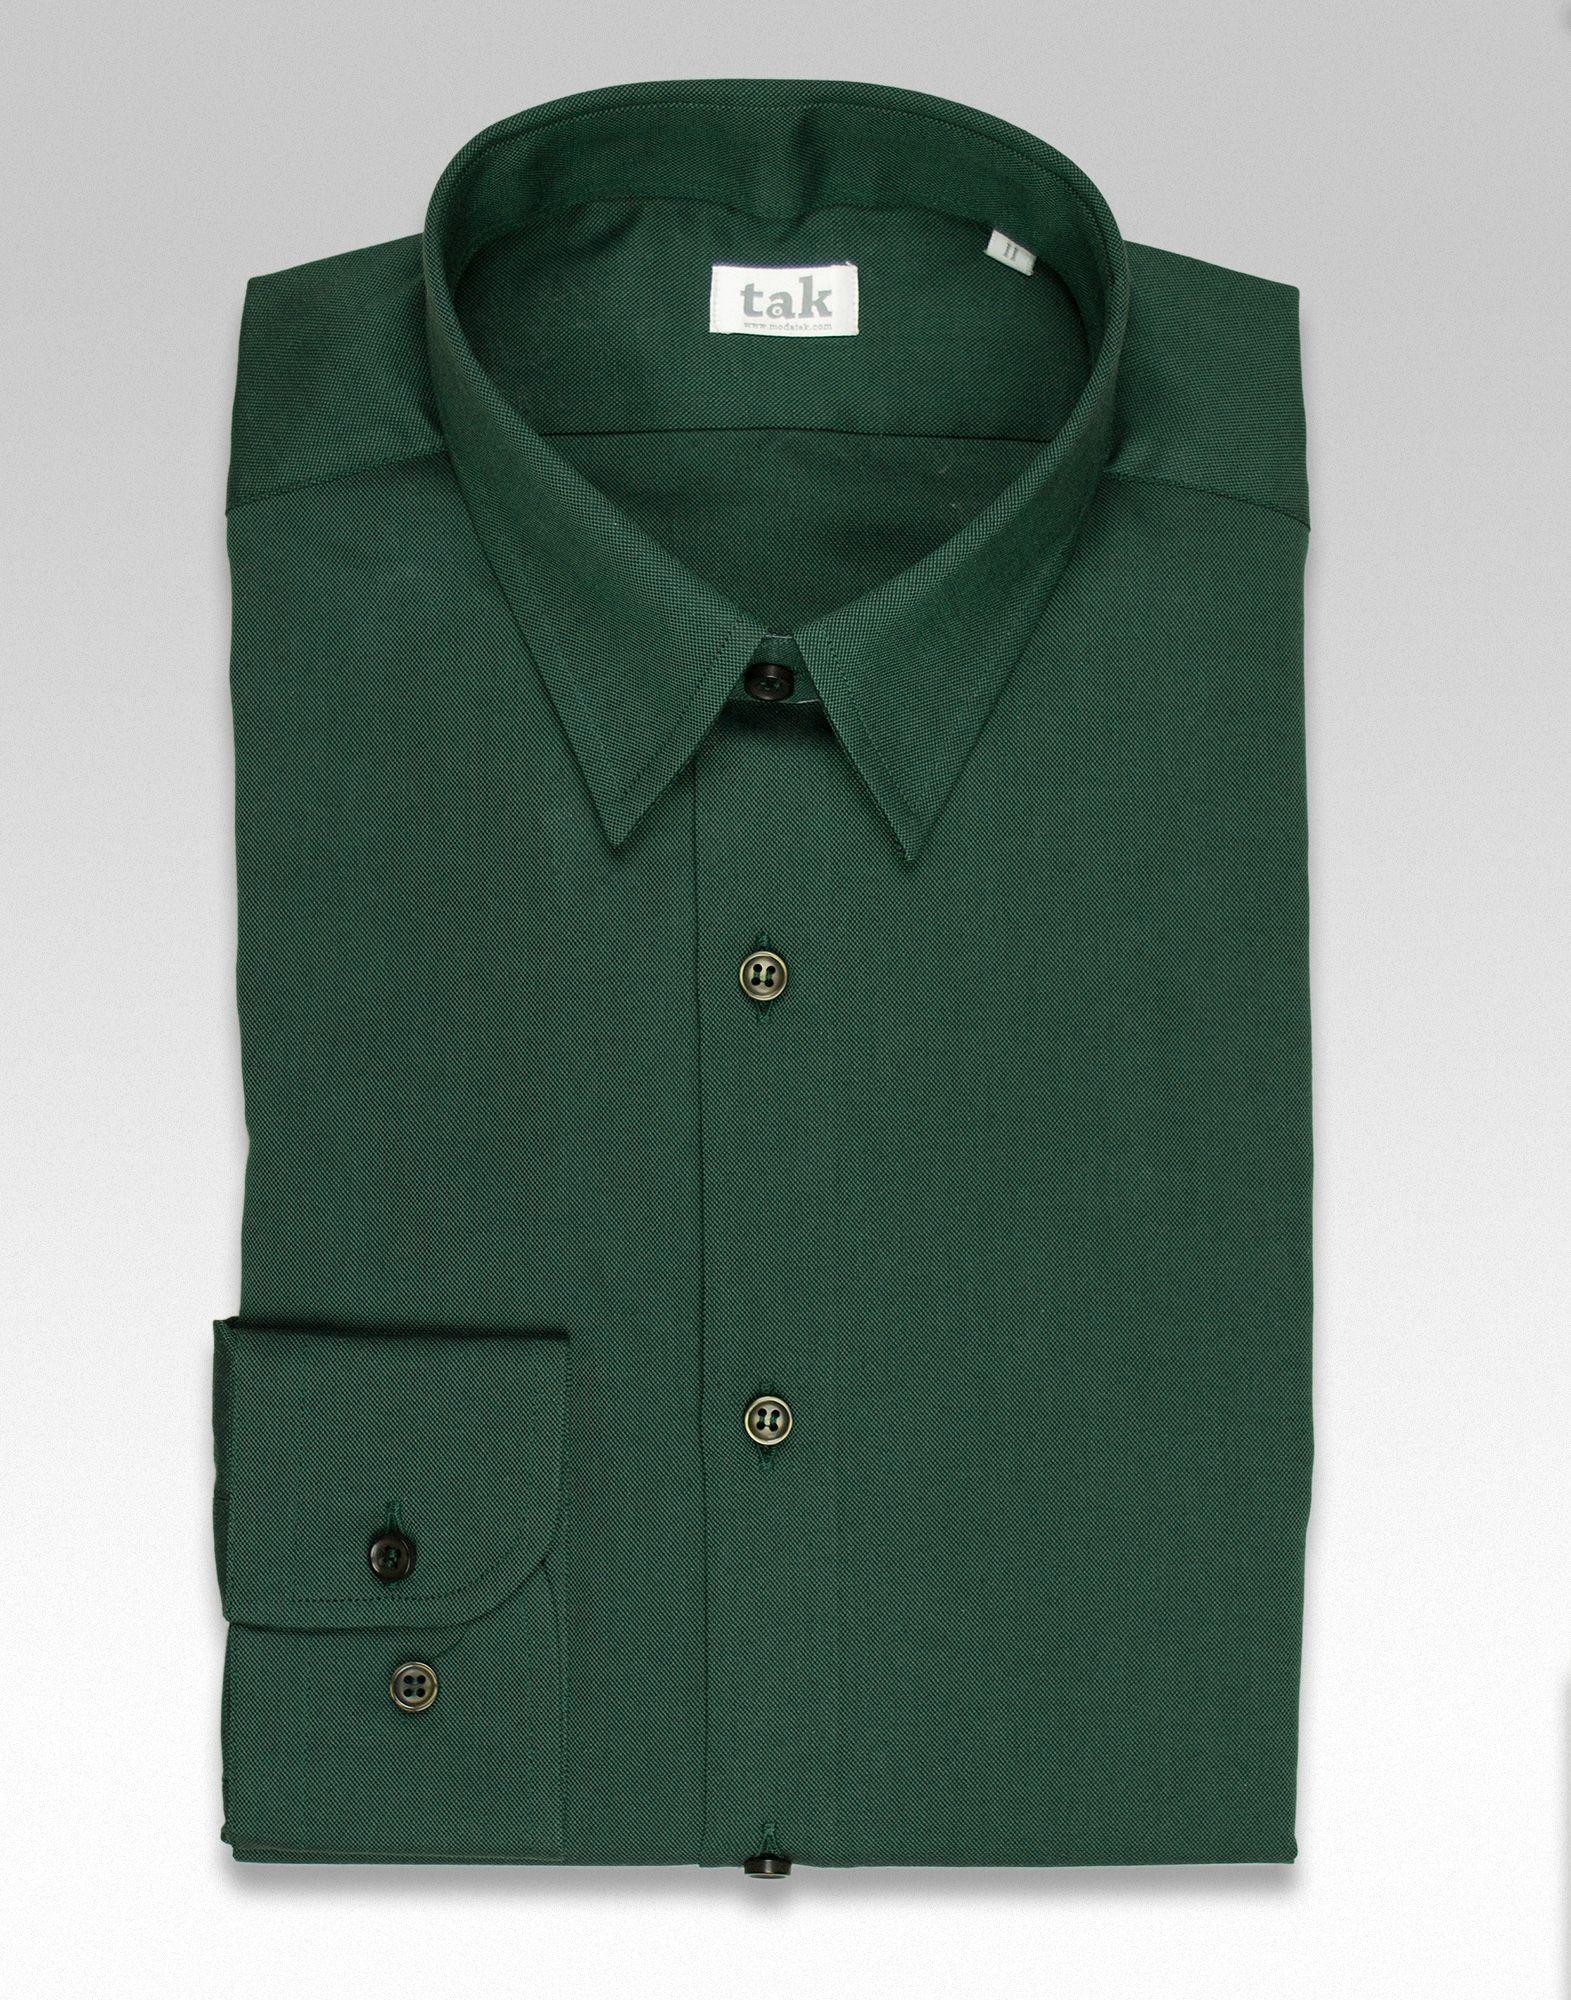 Color Camisas Hombre 2018 De Para En Camisa Botella Algodón Verde EngPwx4Aq